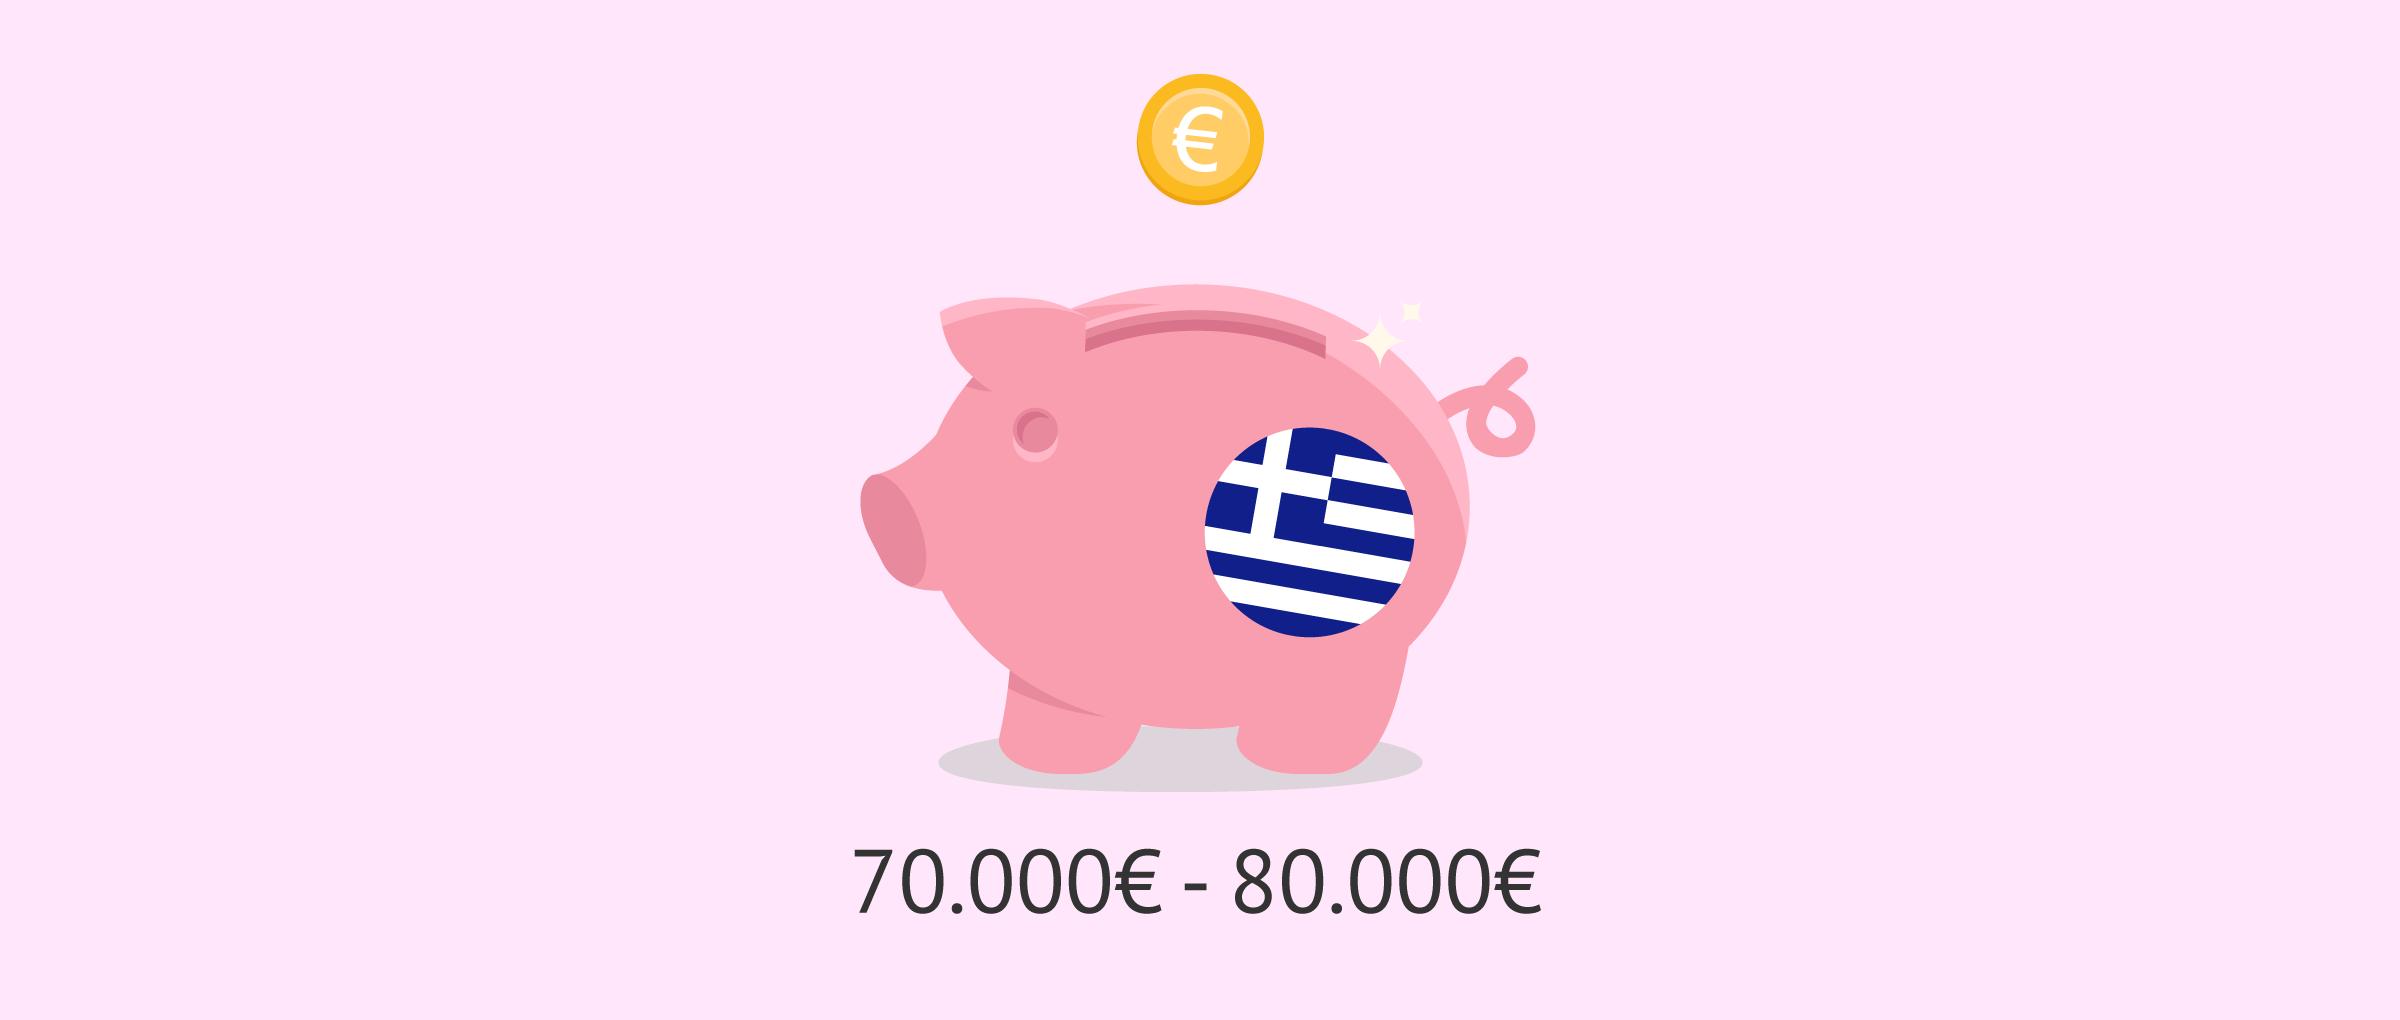 Precio de la gestación subrogada en Grecia